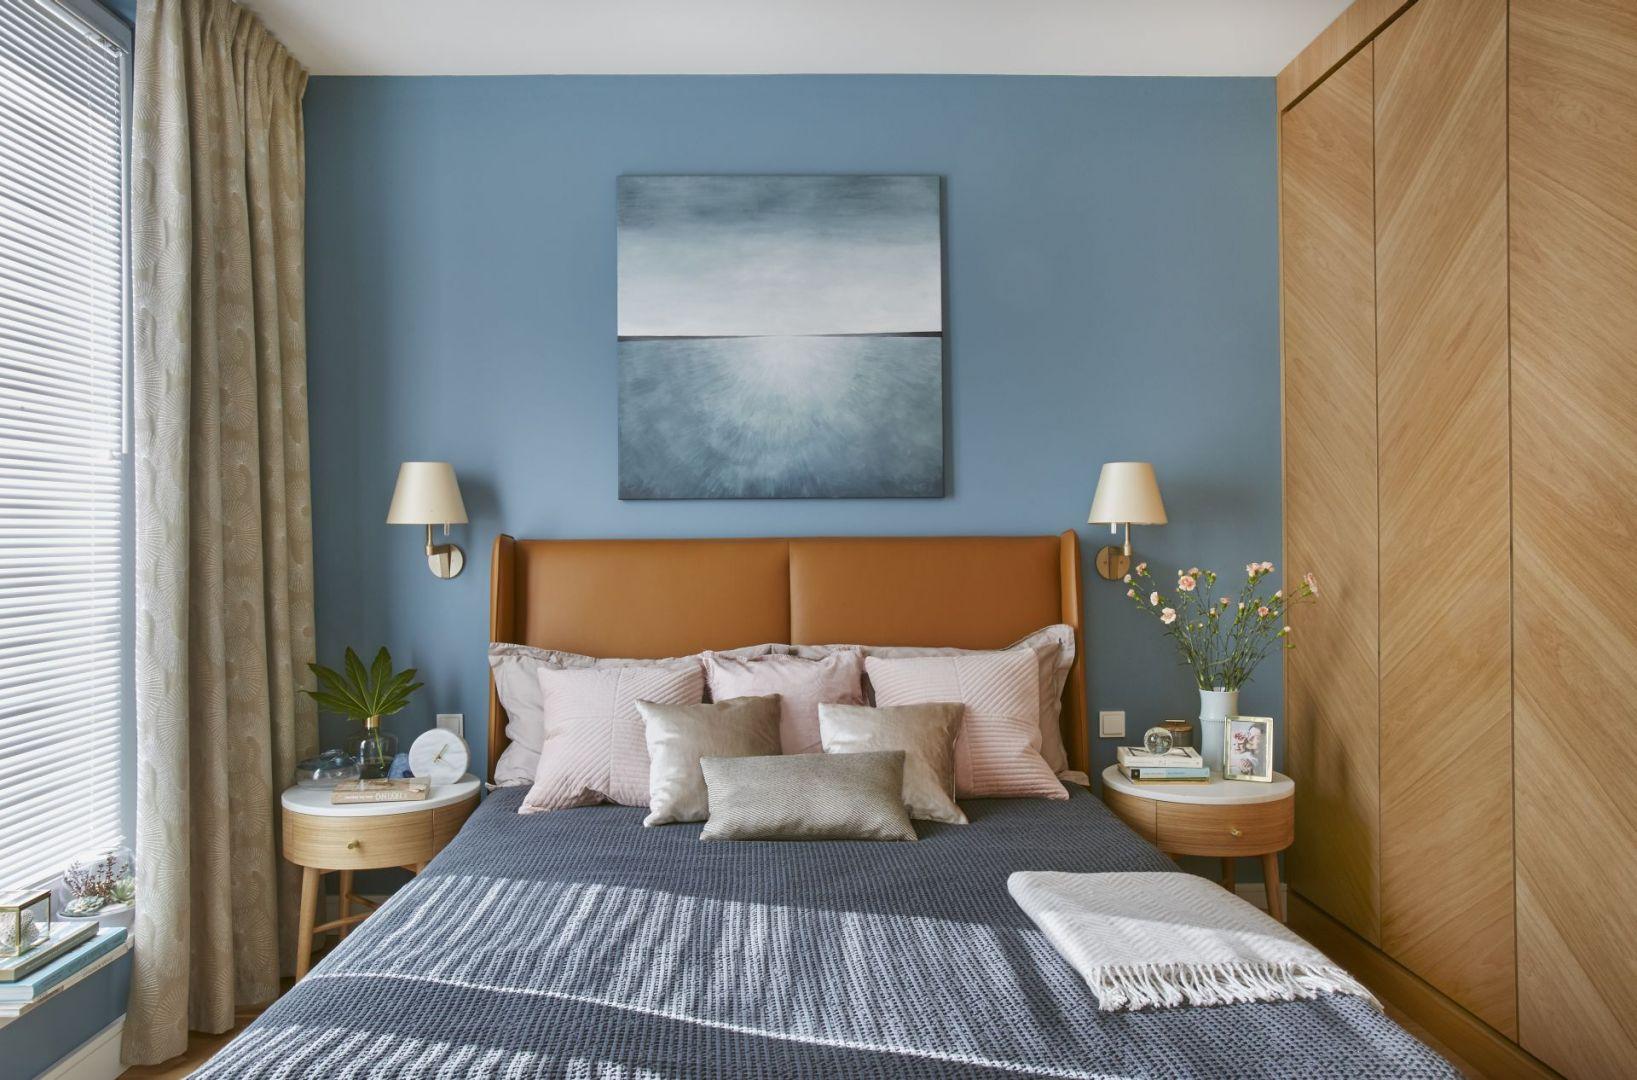 Ściana za łóżkiem coraz częściej traktowana jest jako podstawa aranżacji. Projekt Joanna Kiryłowicz. Fot. Celestyna Król